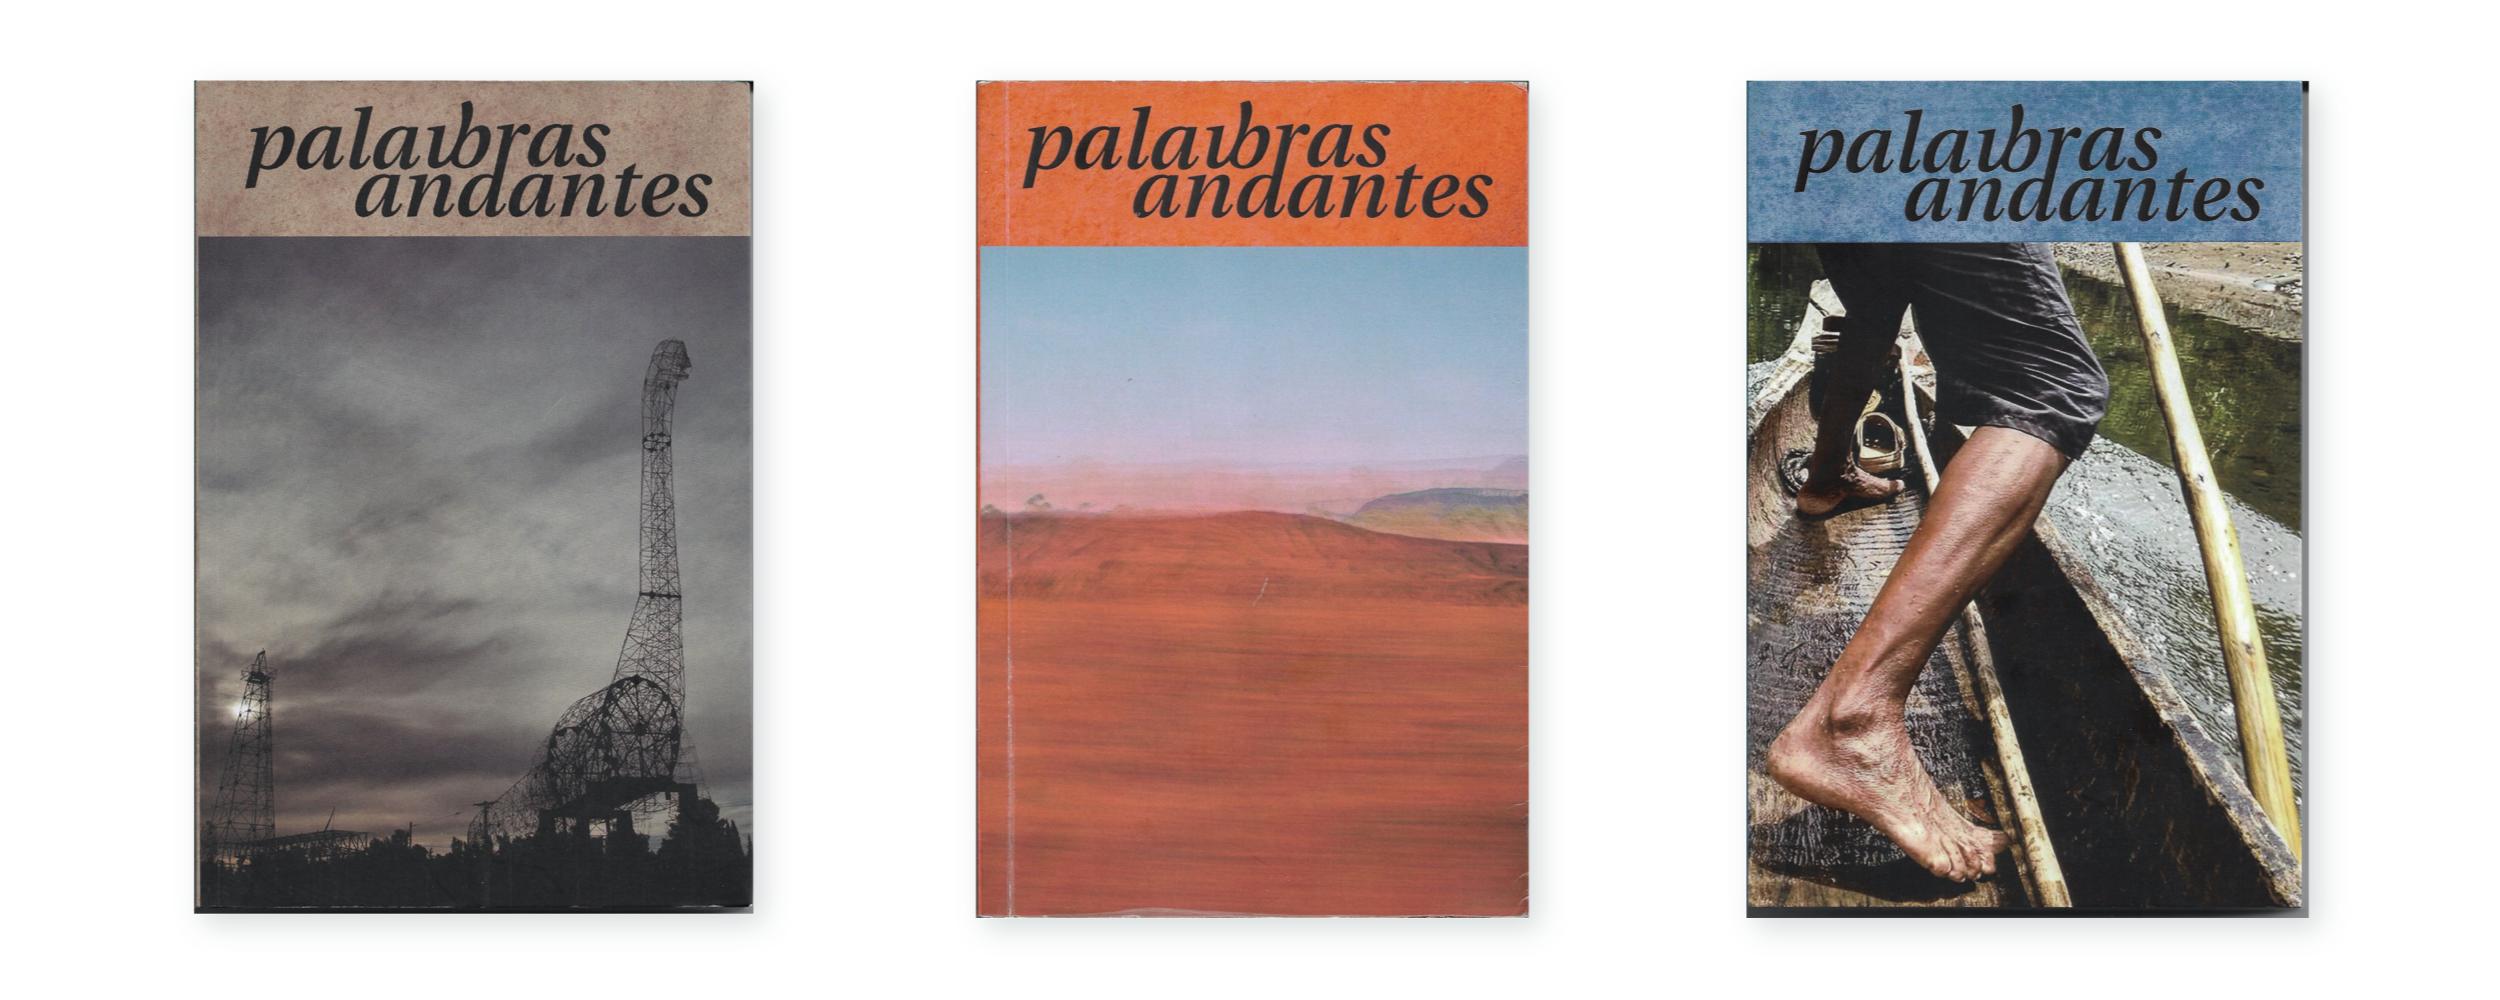 Capas das três edições de Palavbras Andantes